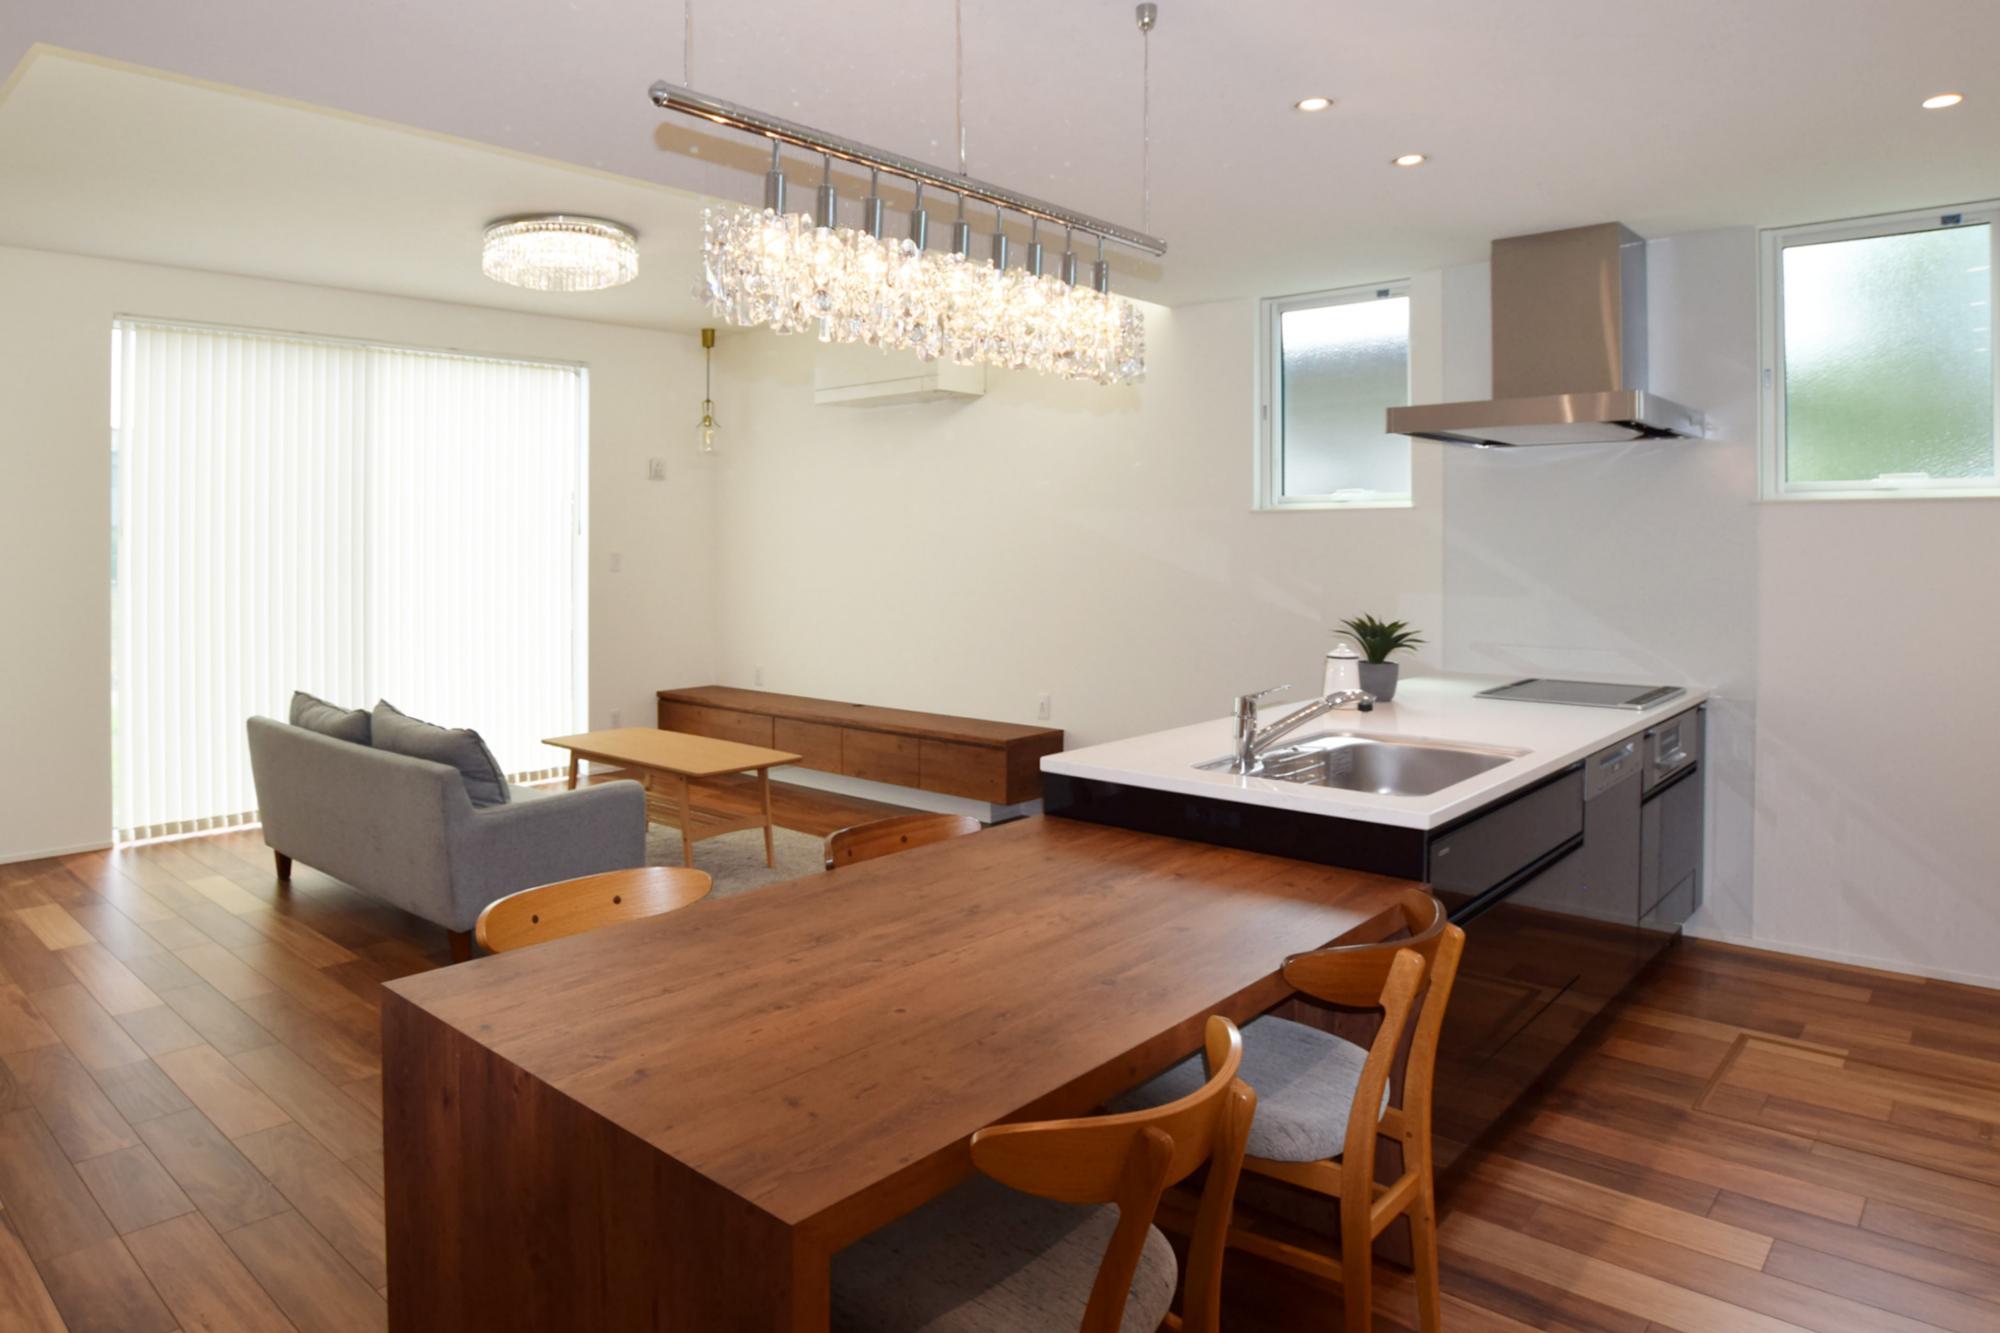 DETAIL HOME(ディテールホーム)「光と風、ローケションを楽しみ、時を過ごせる平屋」のシンプル・ナチュラル・モダンなキッチンの実例写真